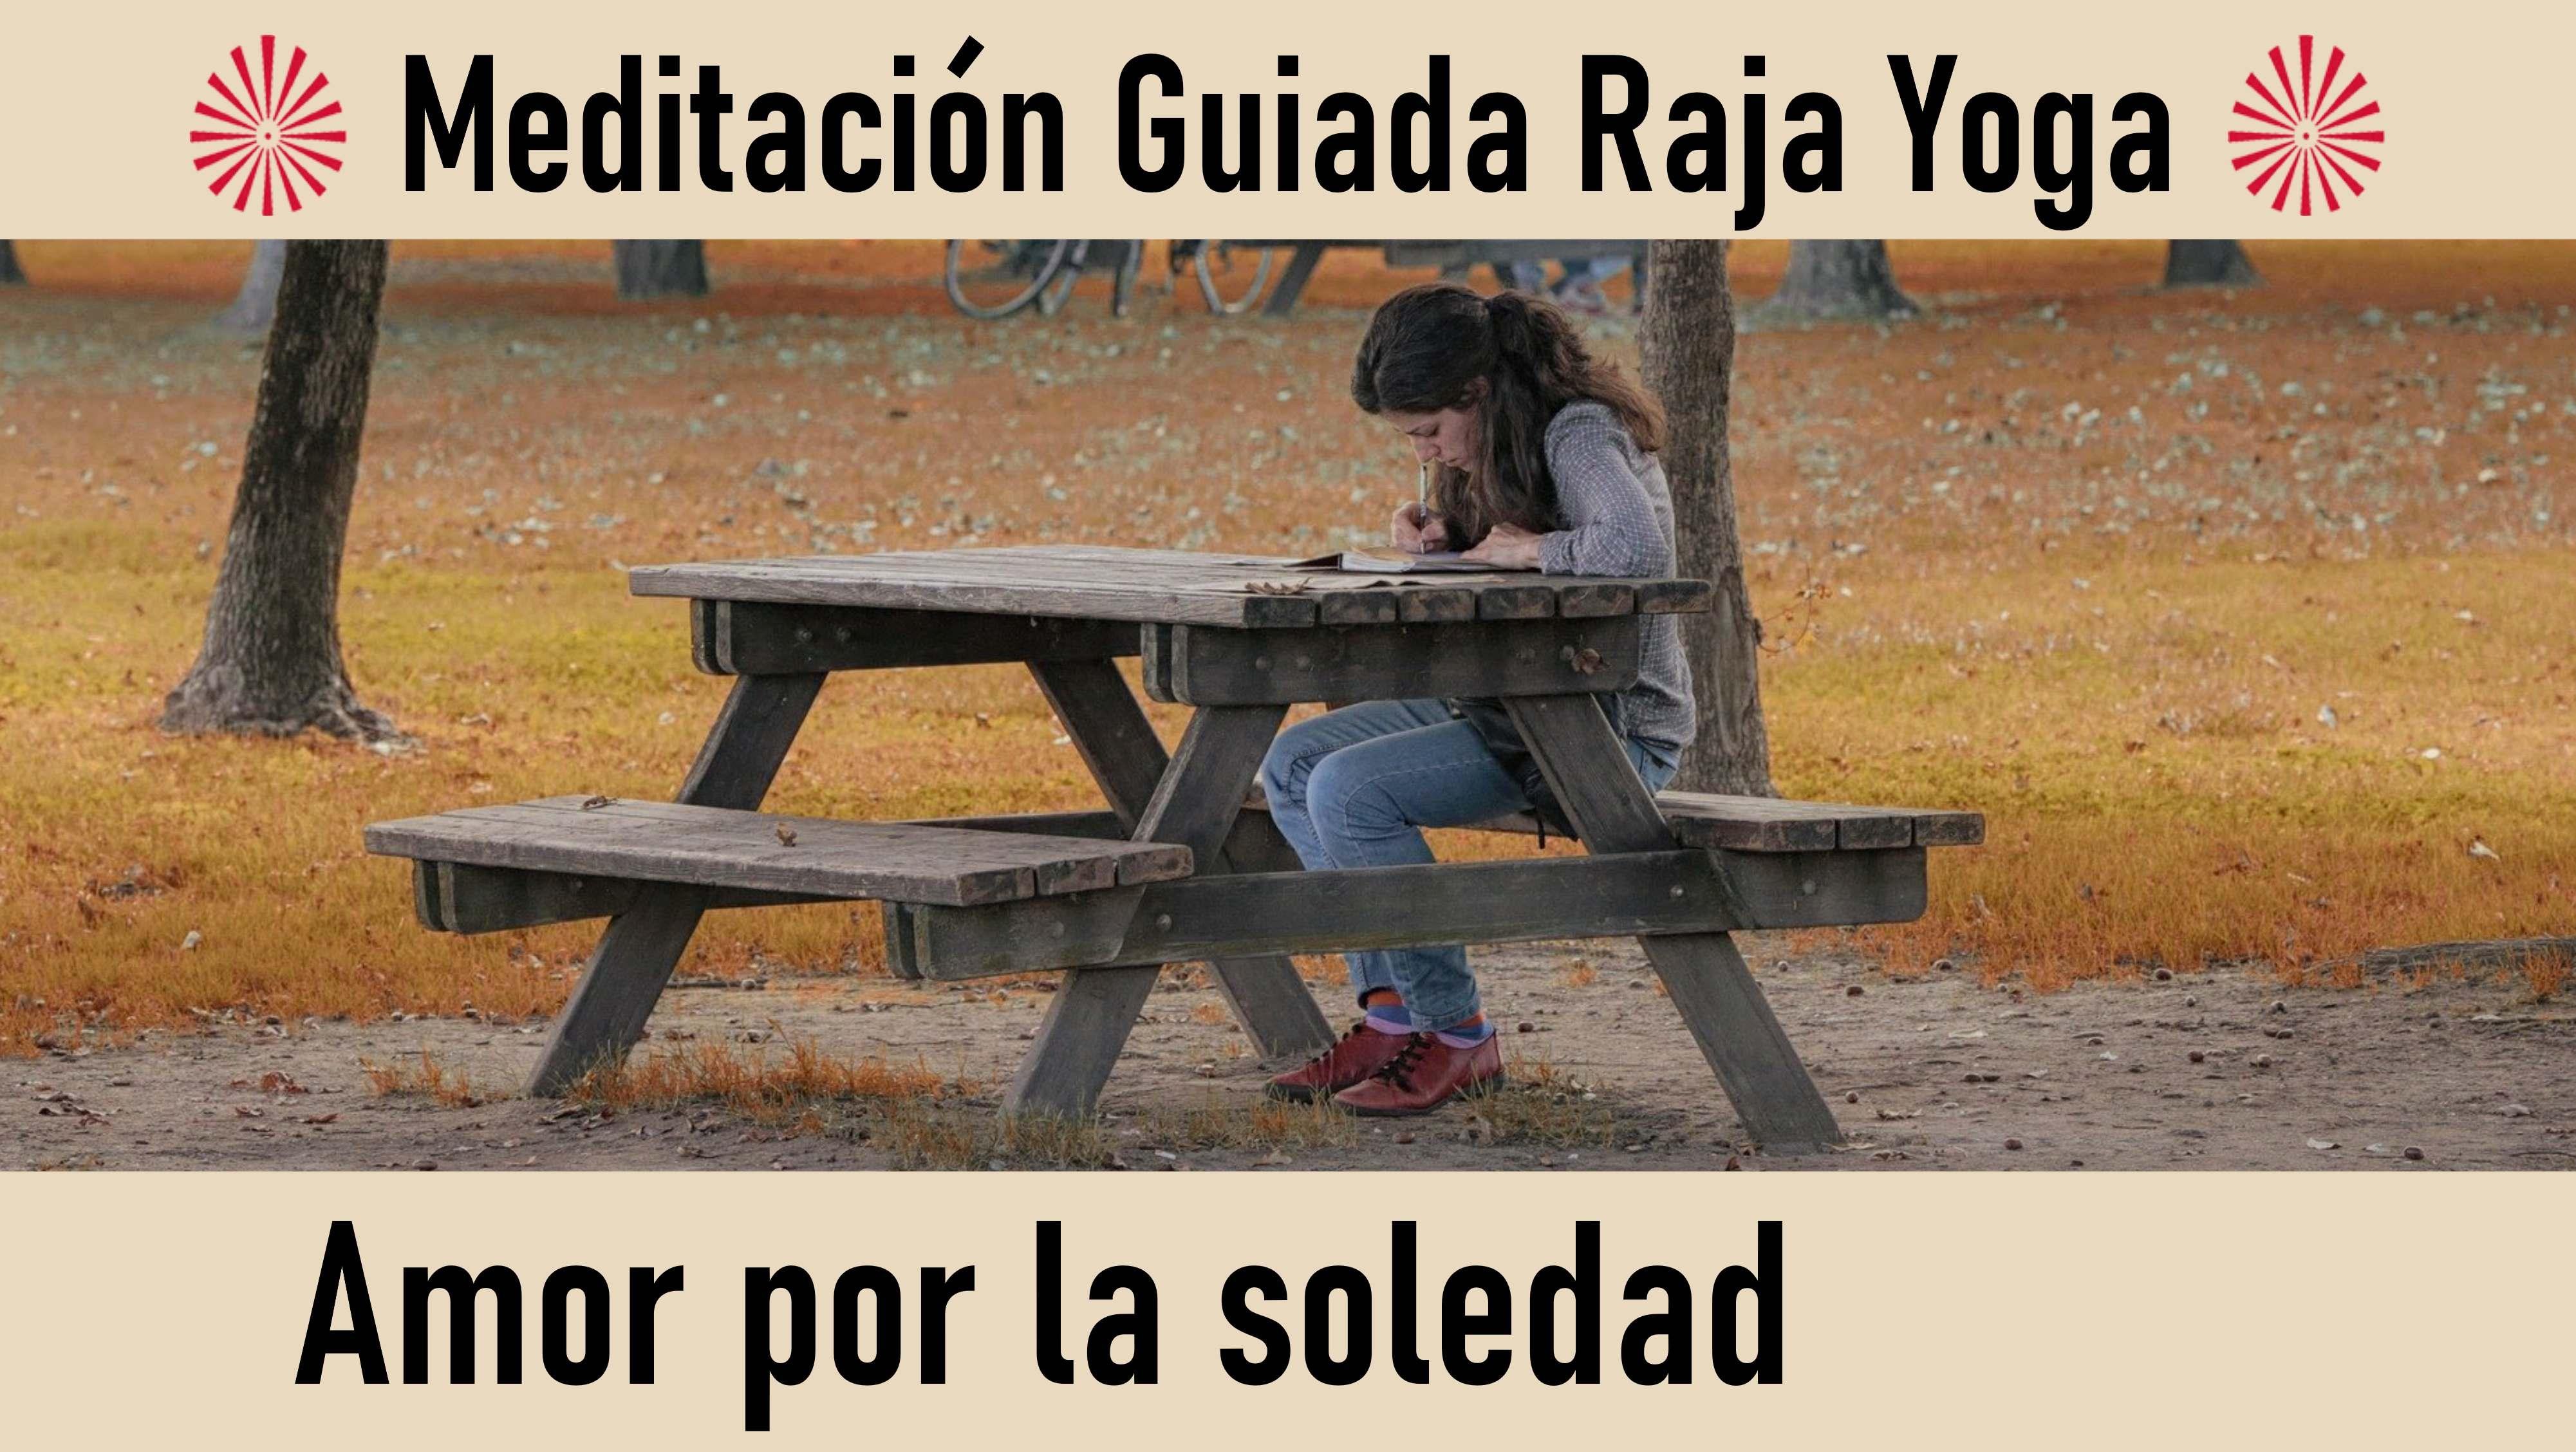 Meditación Raja Yoga: Amor por la soledad (26 Agosto 2020) On-line desde Sevilla